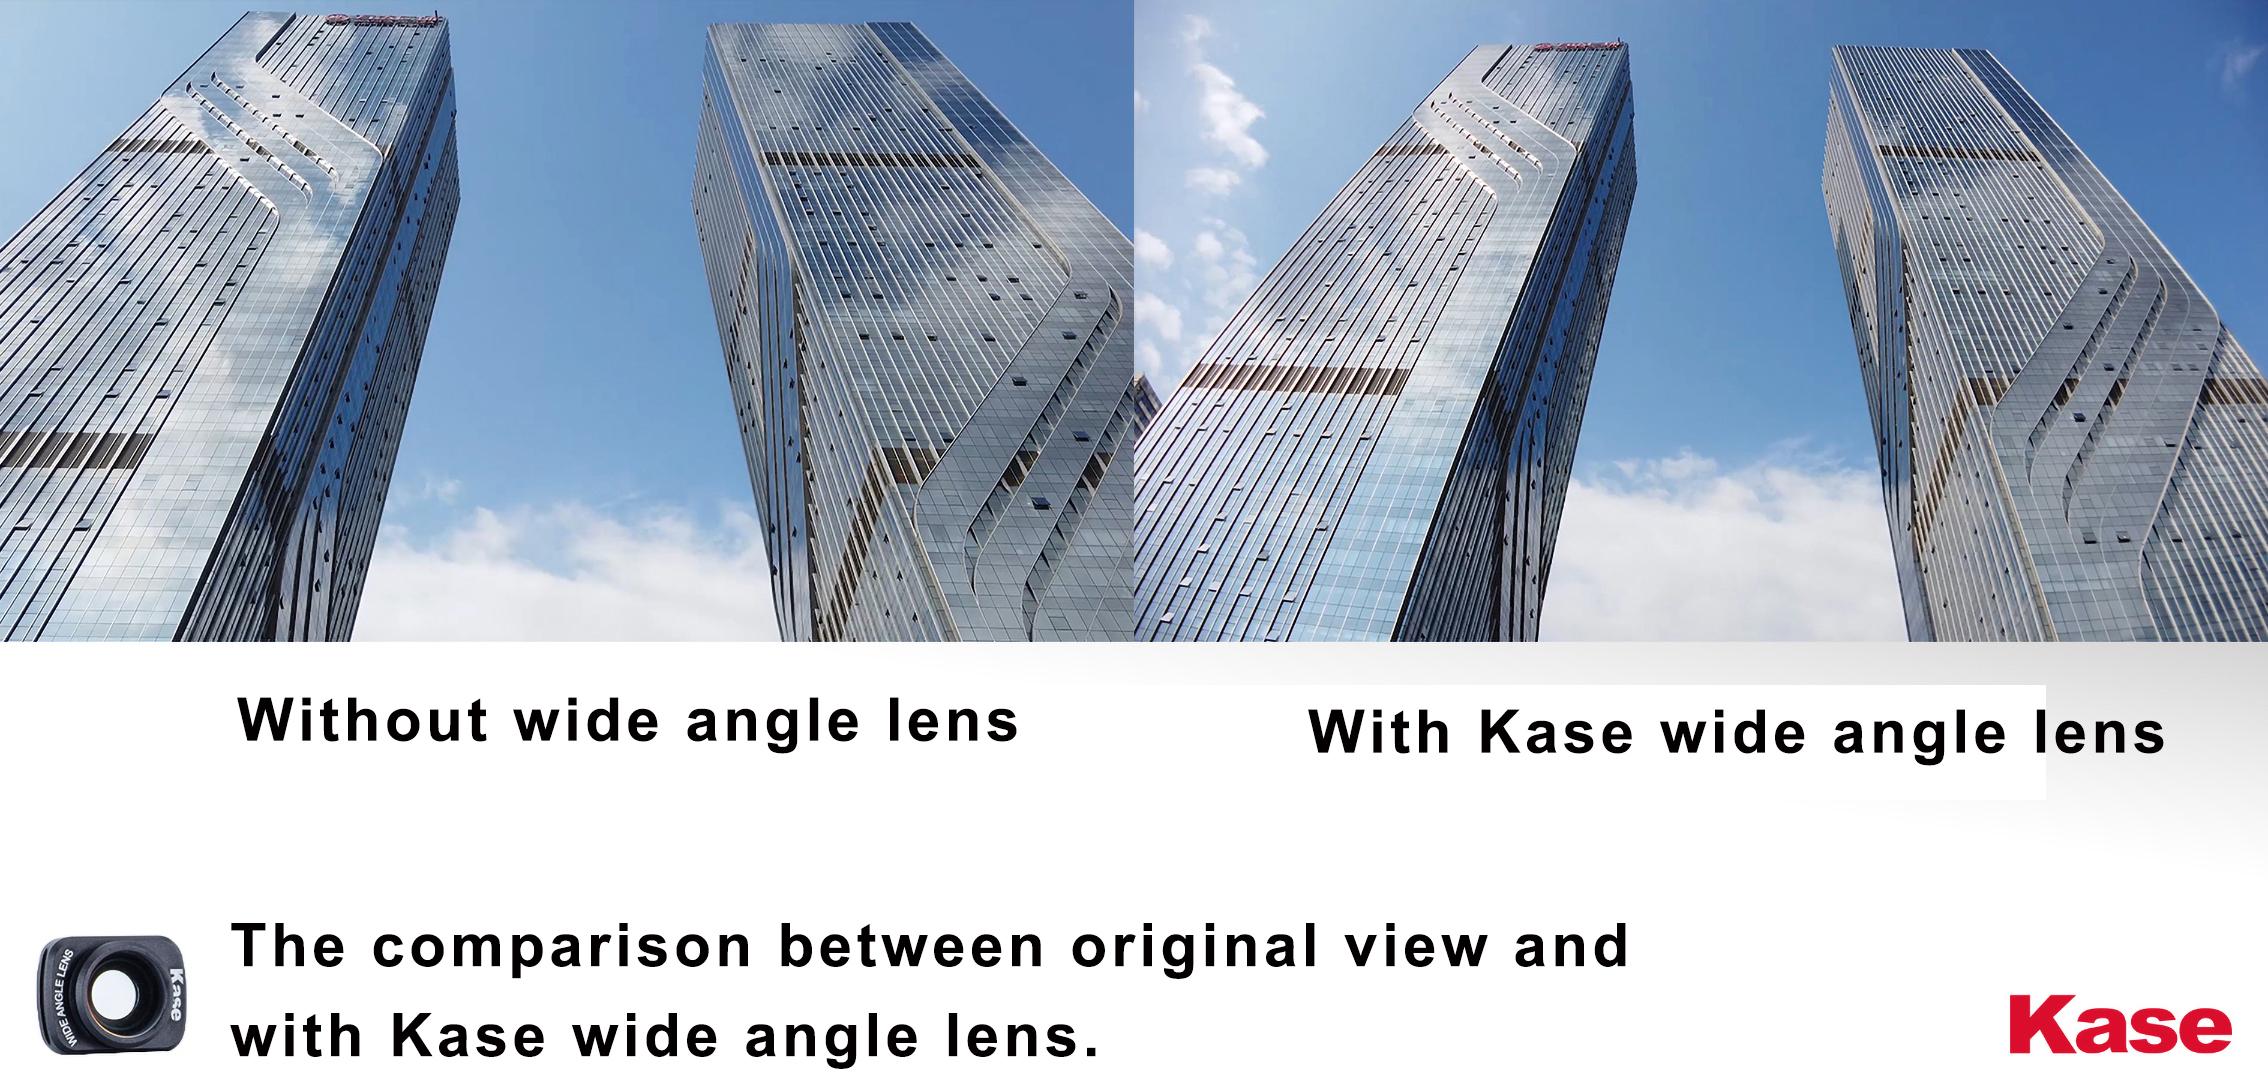 kase-wide-angle-lens.jpg